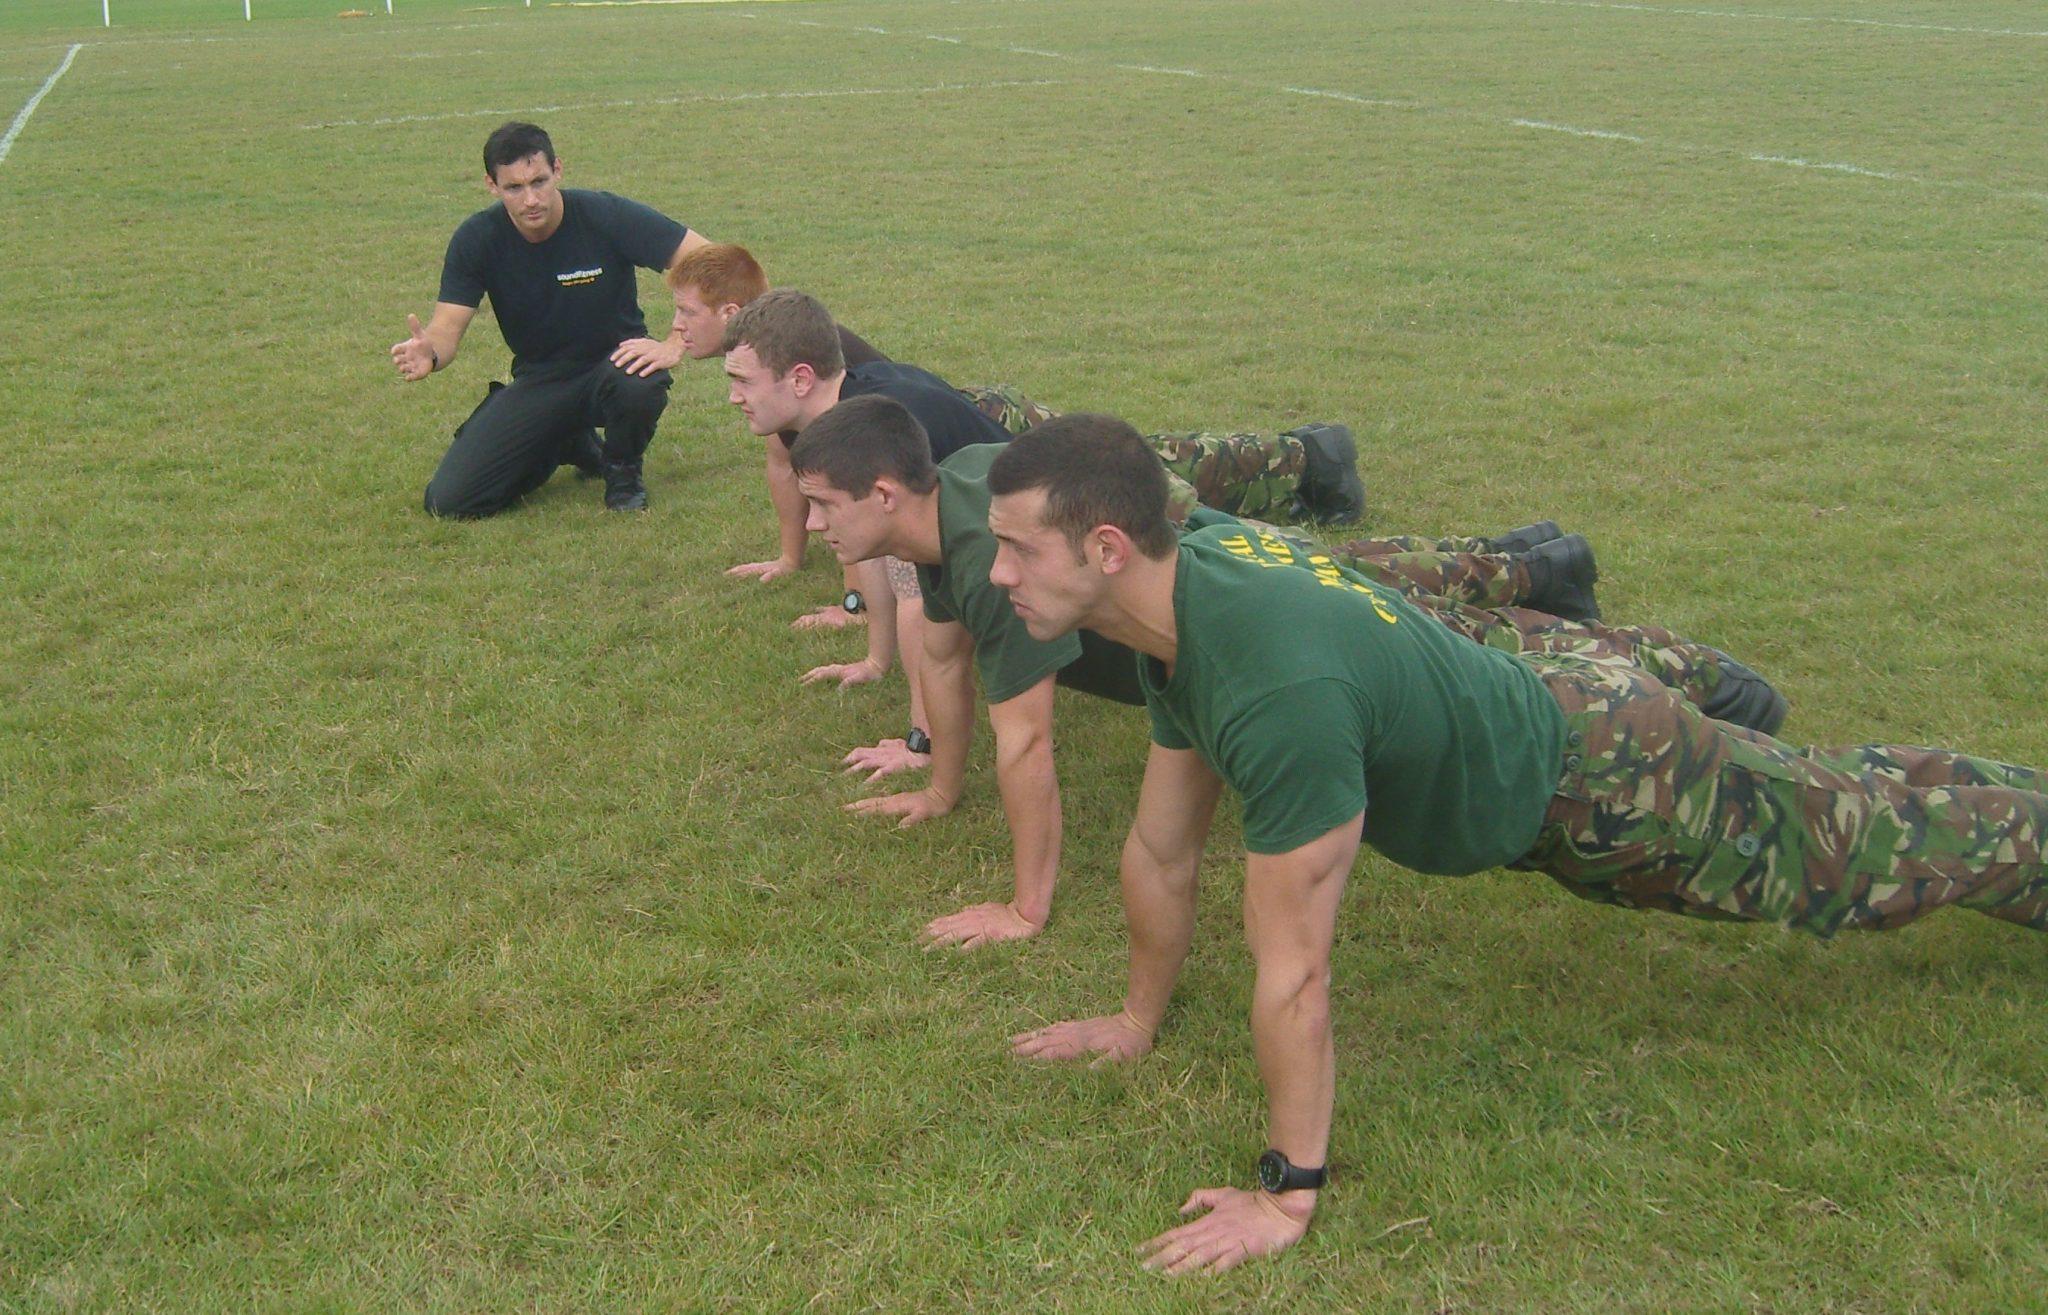 bootcamp workout ideas